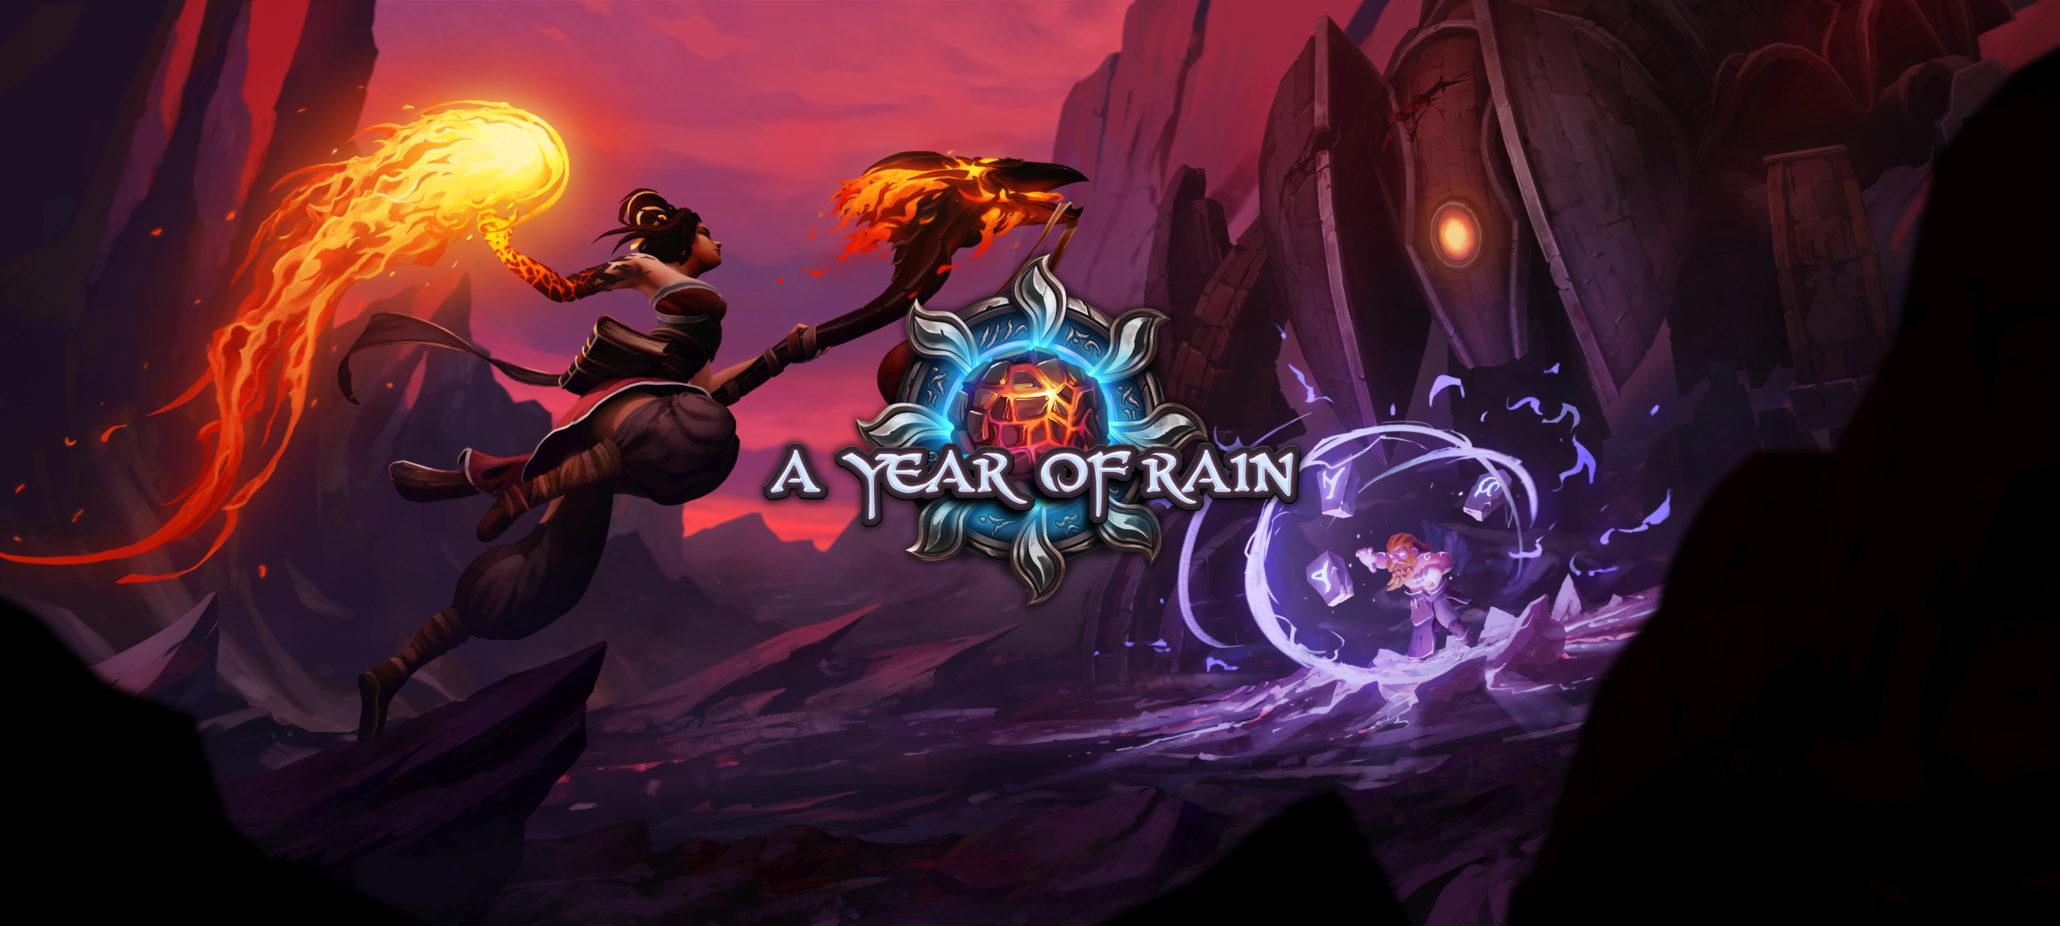 合作策略游戏《雨之年》确认11月发售